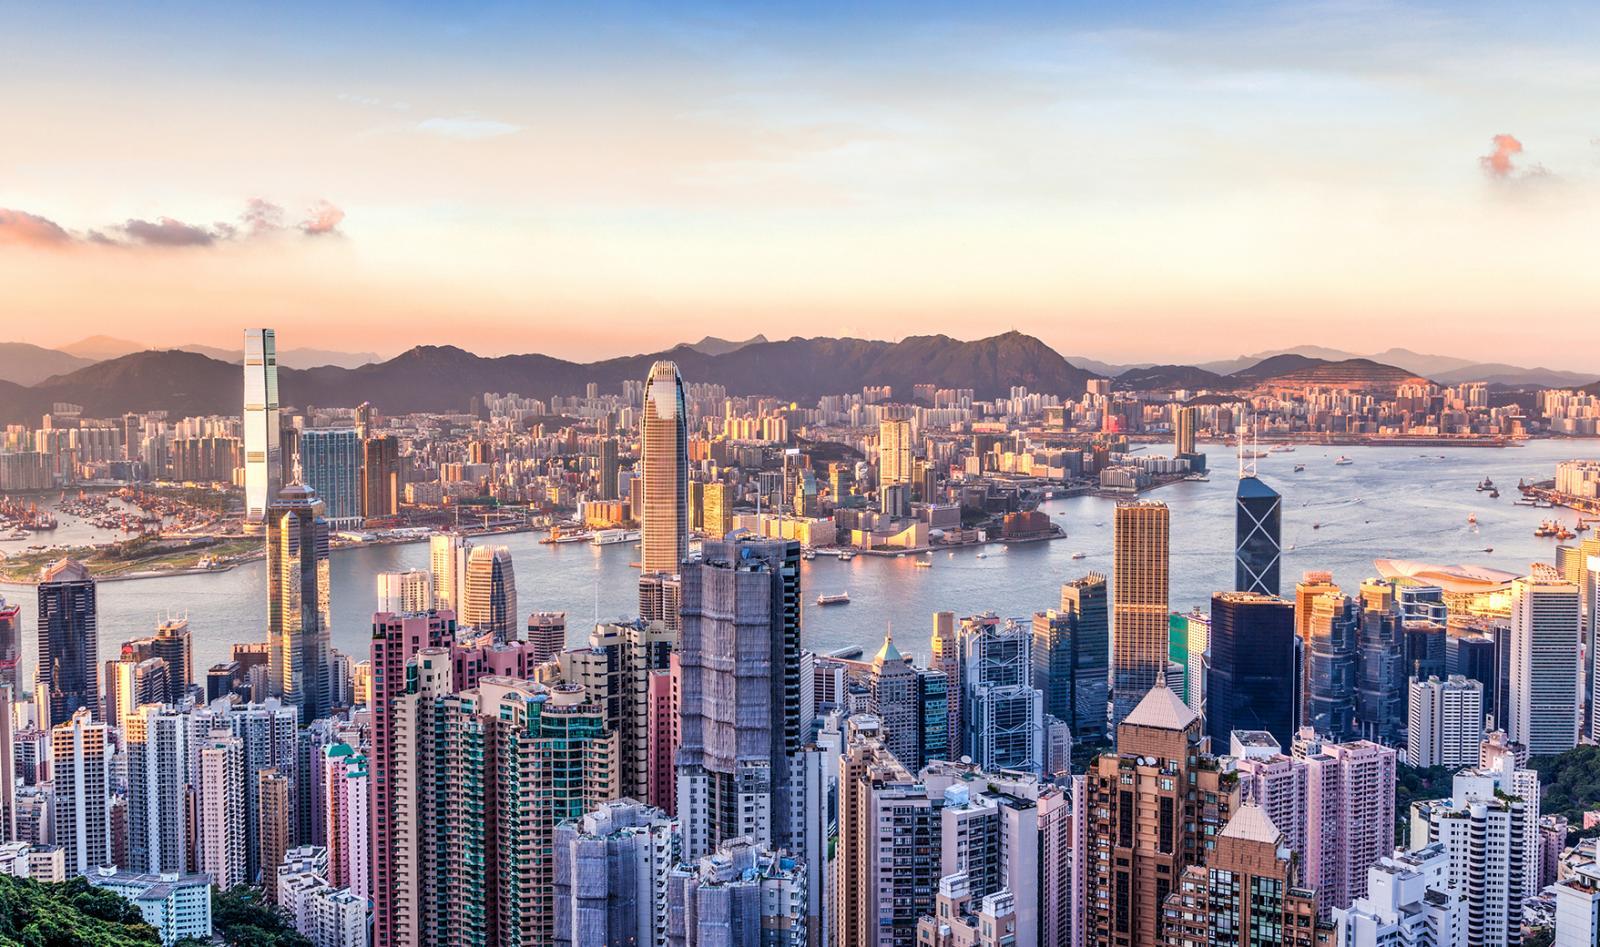 Hallitunkki Hong Kong